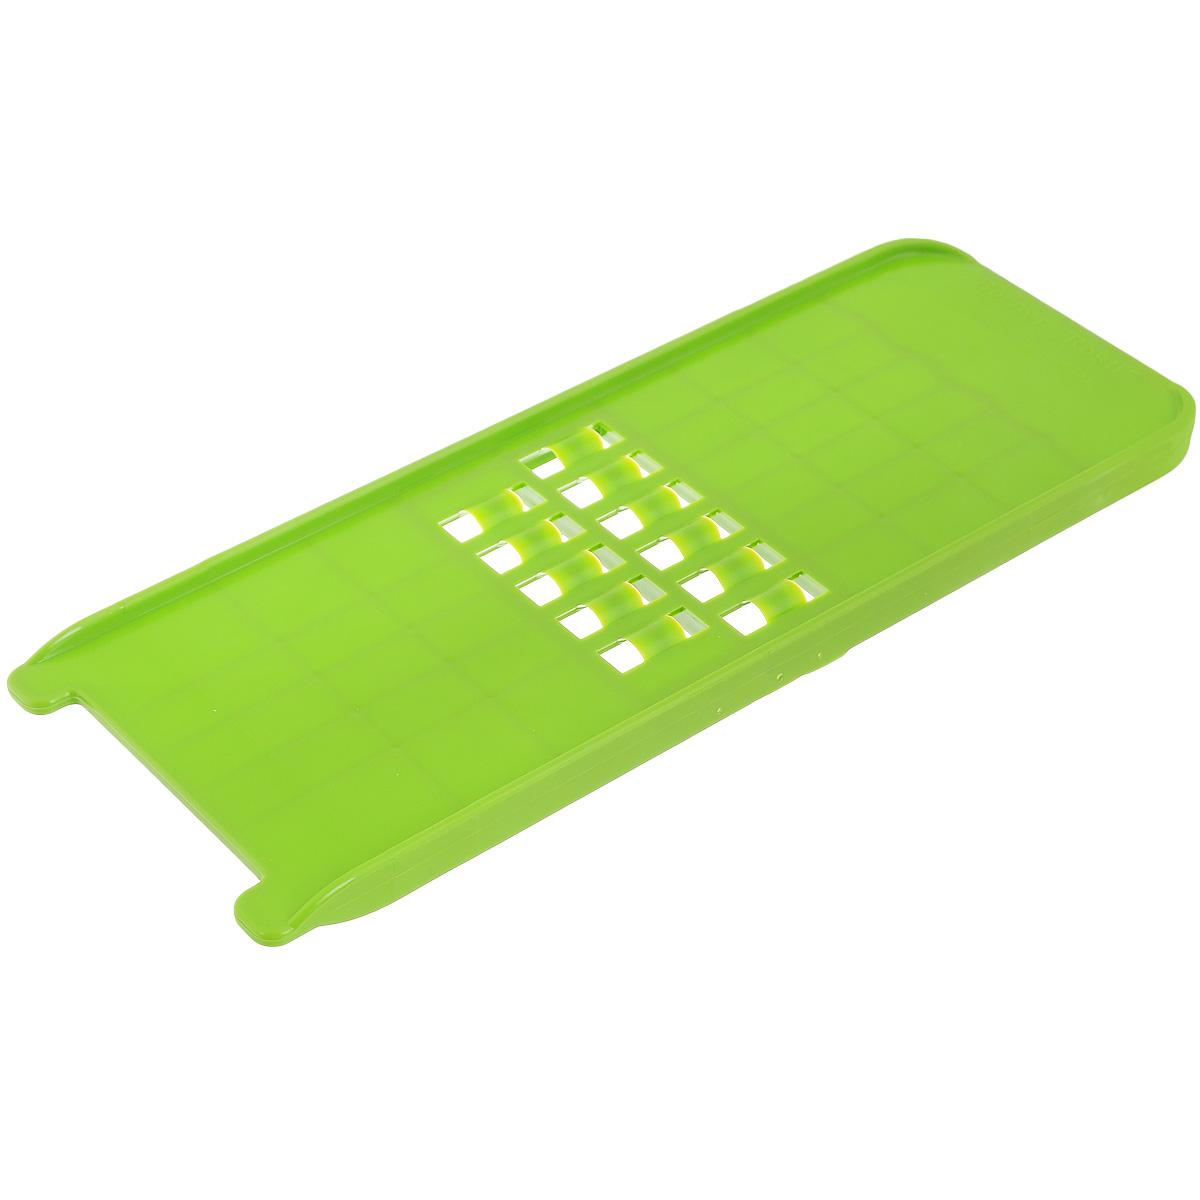 Терка-овощерезка Borner, цвет: зеленый, 10 х 26,5 х 1,5 см3810174Терка-овощерезка Borner будет отличным помощником на вашей кухне, особенно для любителей пиццы, картофельно-сырной запеканки и селедки под шубой. Терка-овощерезка имеет ударопрочный пластмассовый корпус с острыми двухсторонними ножами. Виды нарезки: длинная, плоская, тонкая, но широкая стружка-лапша - для нарезки сыра и любых овощей; крупная стружка для любых овощей нарезаемых поперек длины (например, морковь, огурец). Приятная деталь - у овощерезки нет металлических ножей, а вареные овощи не прилипают к пластмассовой терке. Размер терки-овощерезки: 10 см х 26,5 см х 1,5 см.